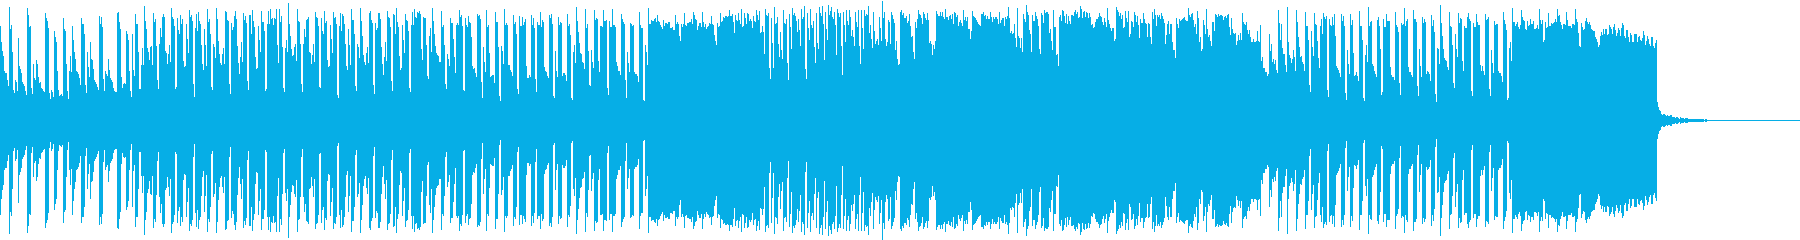 オープニング/かわいいアニメの再生済みの波形